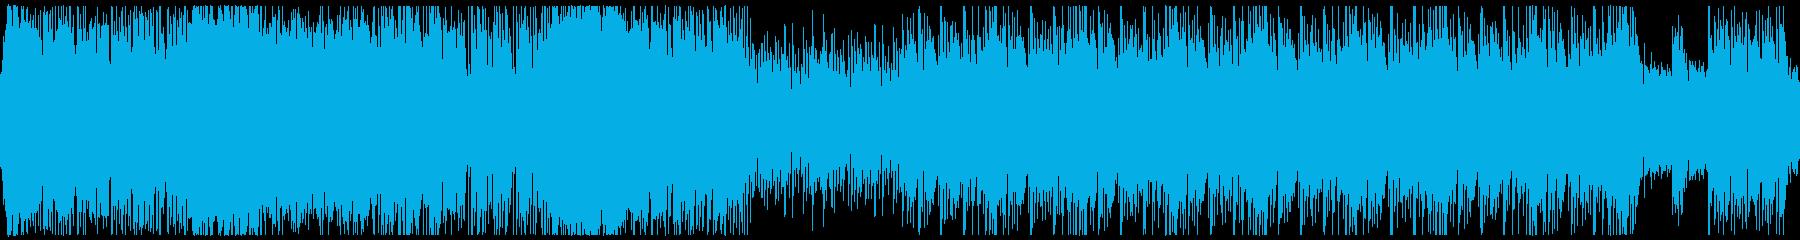 ループ 迫力あるメタルSF・戦闘/バトルの再生済みの波形